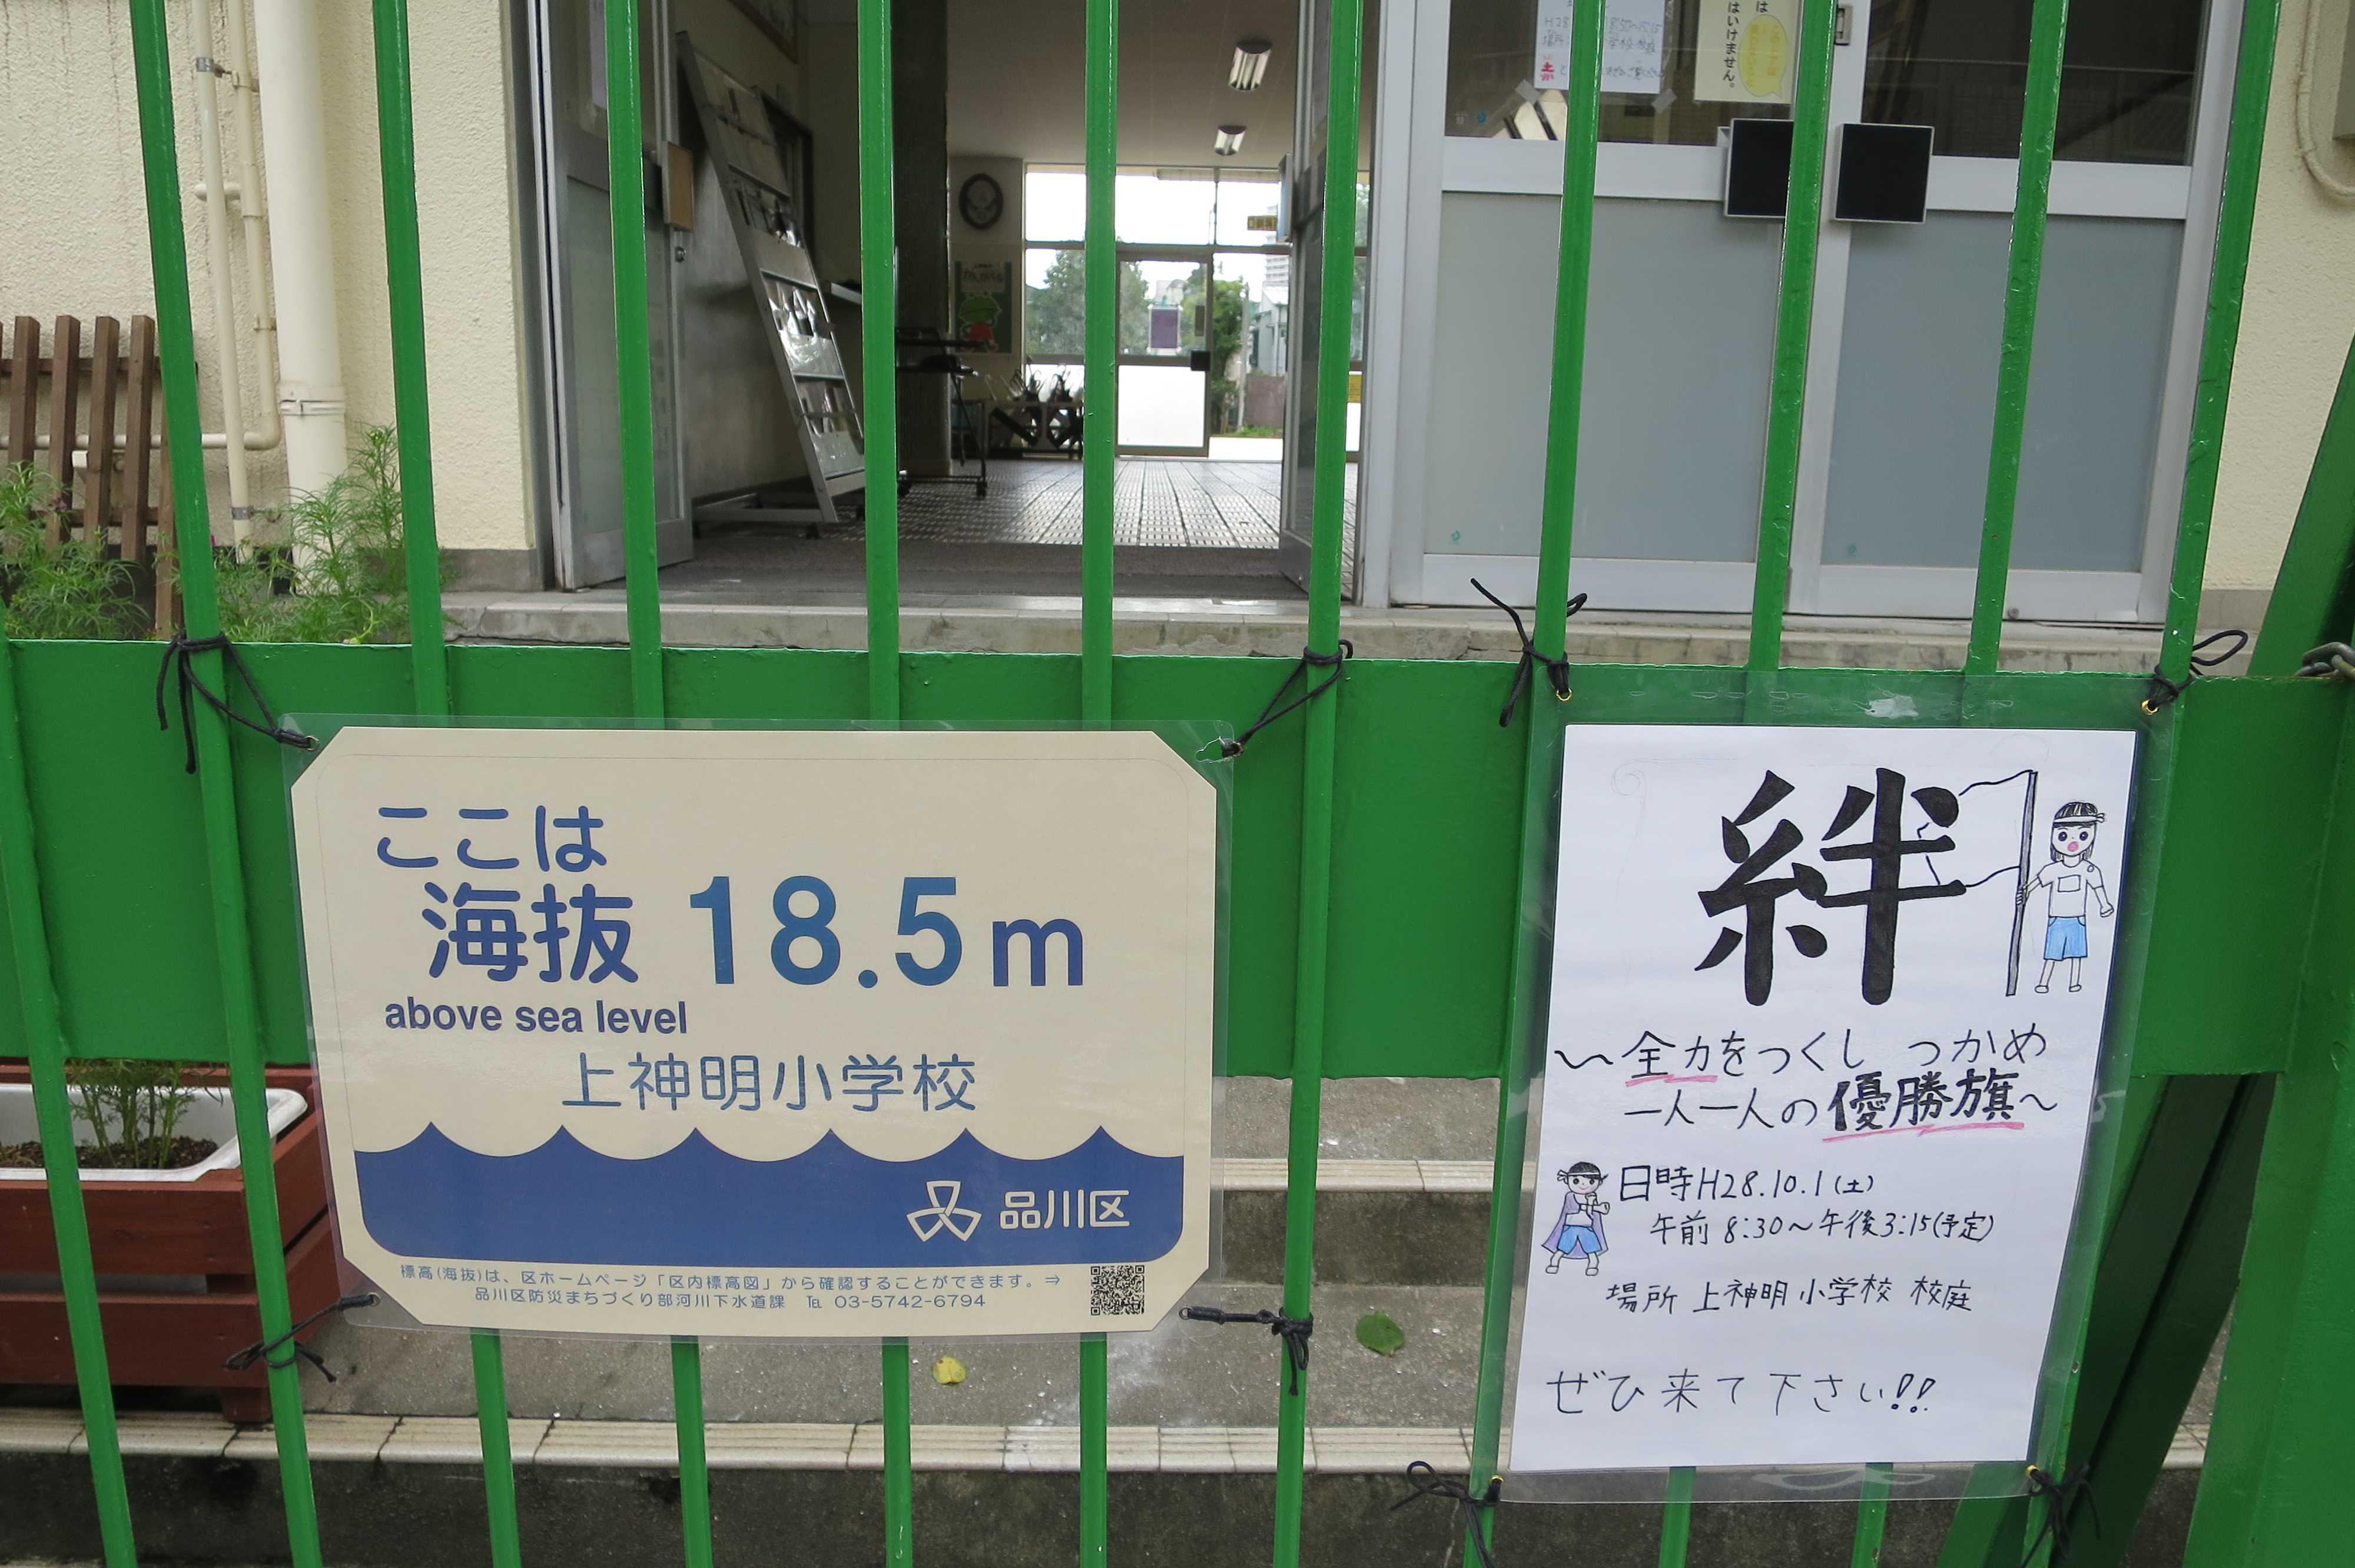 上神明小学校の正門